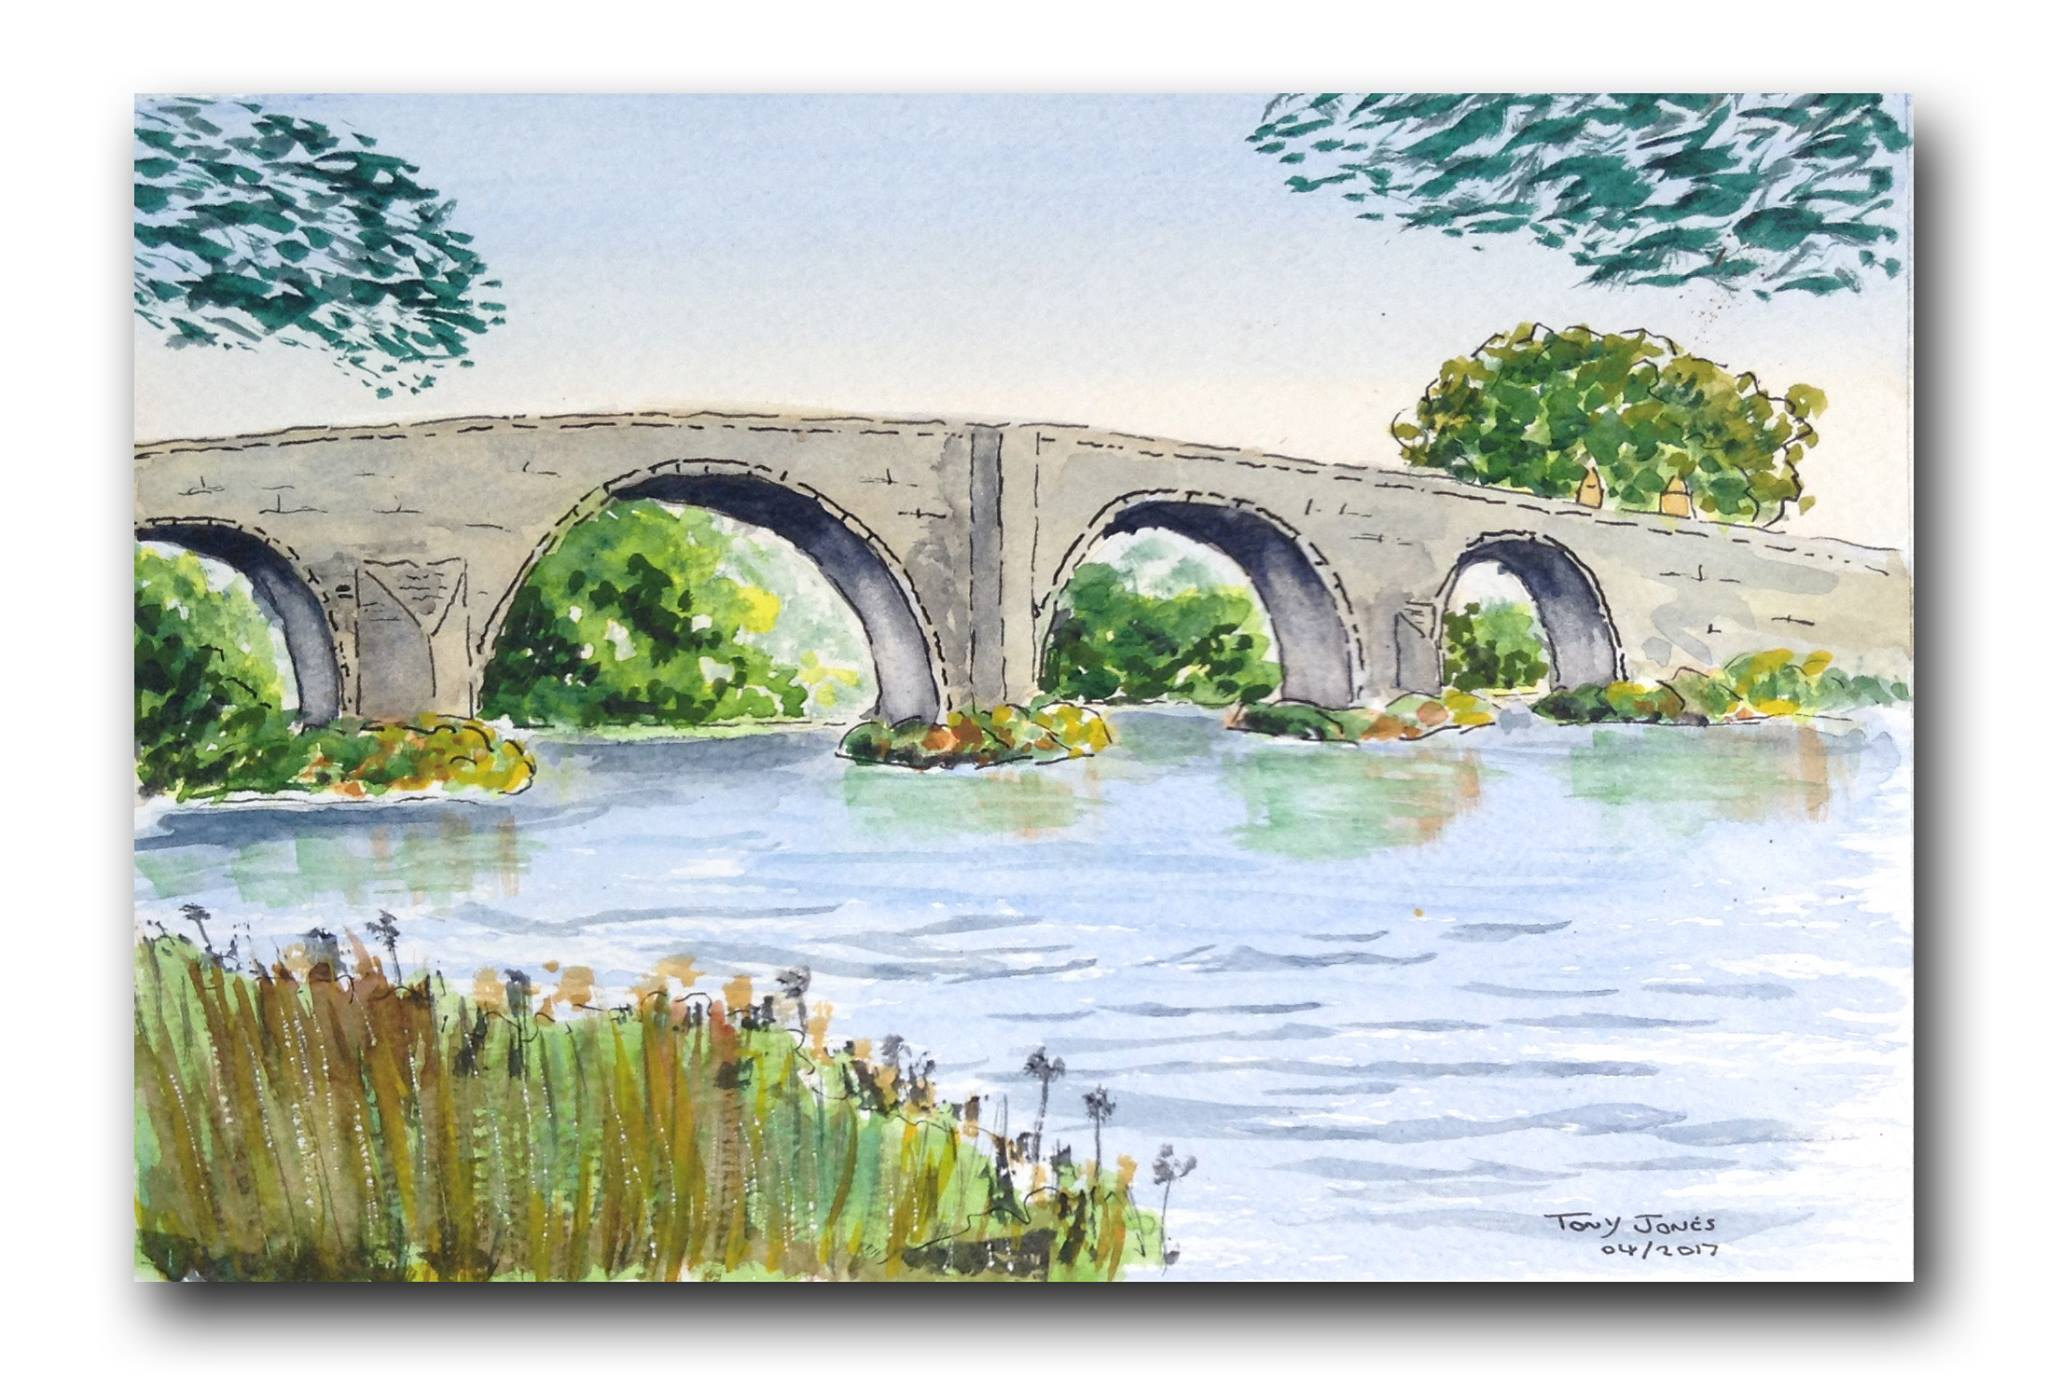 Tony Bridge.jpg